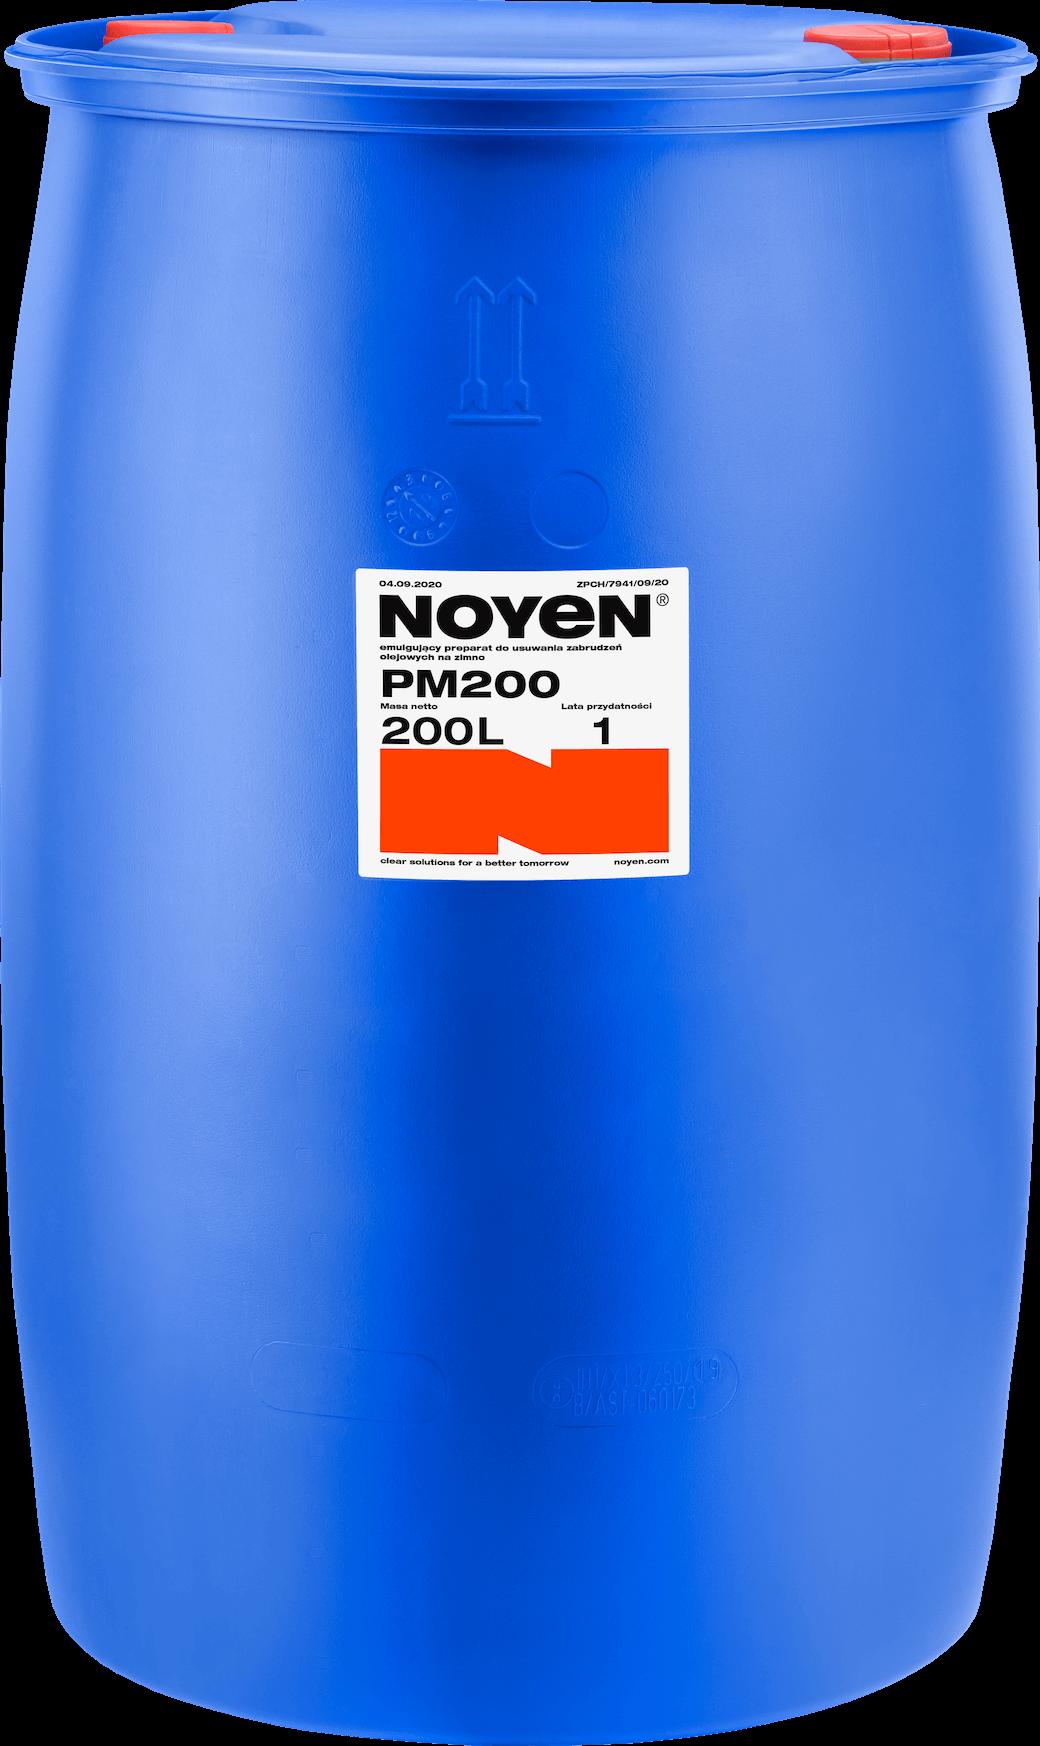 PM200 NOYEN 200l emulgujący preparat do usuwania zabrudzeń olejowych na zimno w niebieskiej beczce